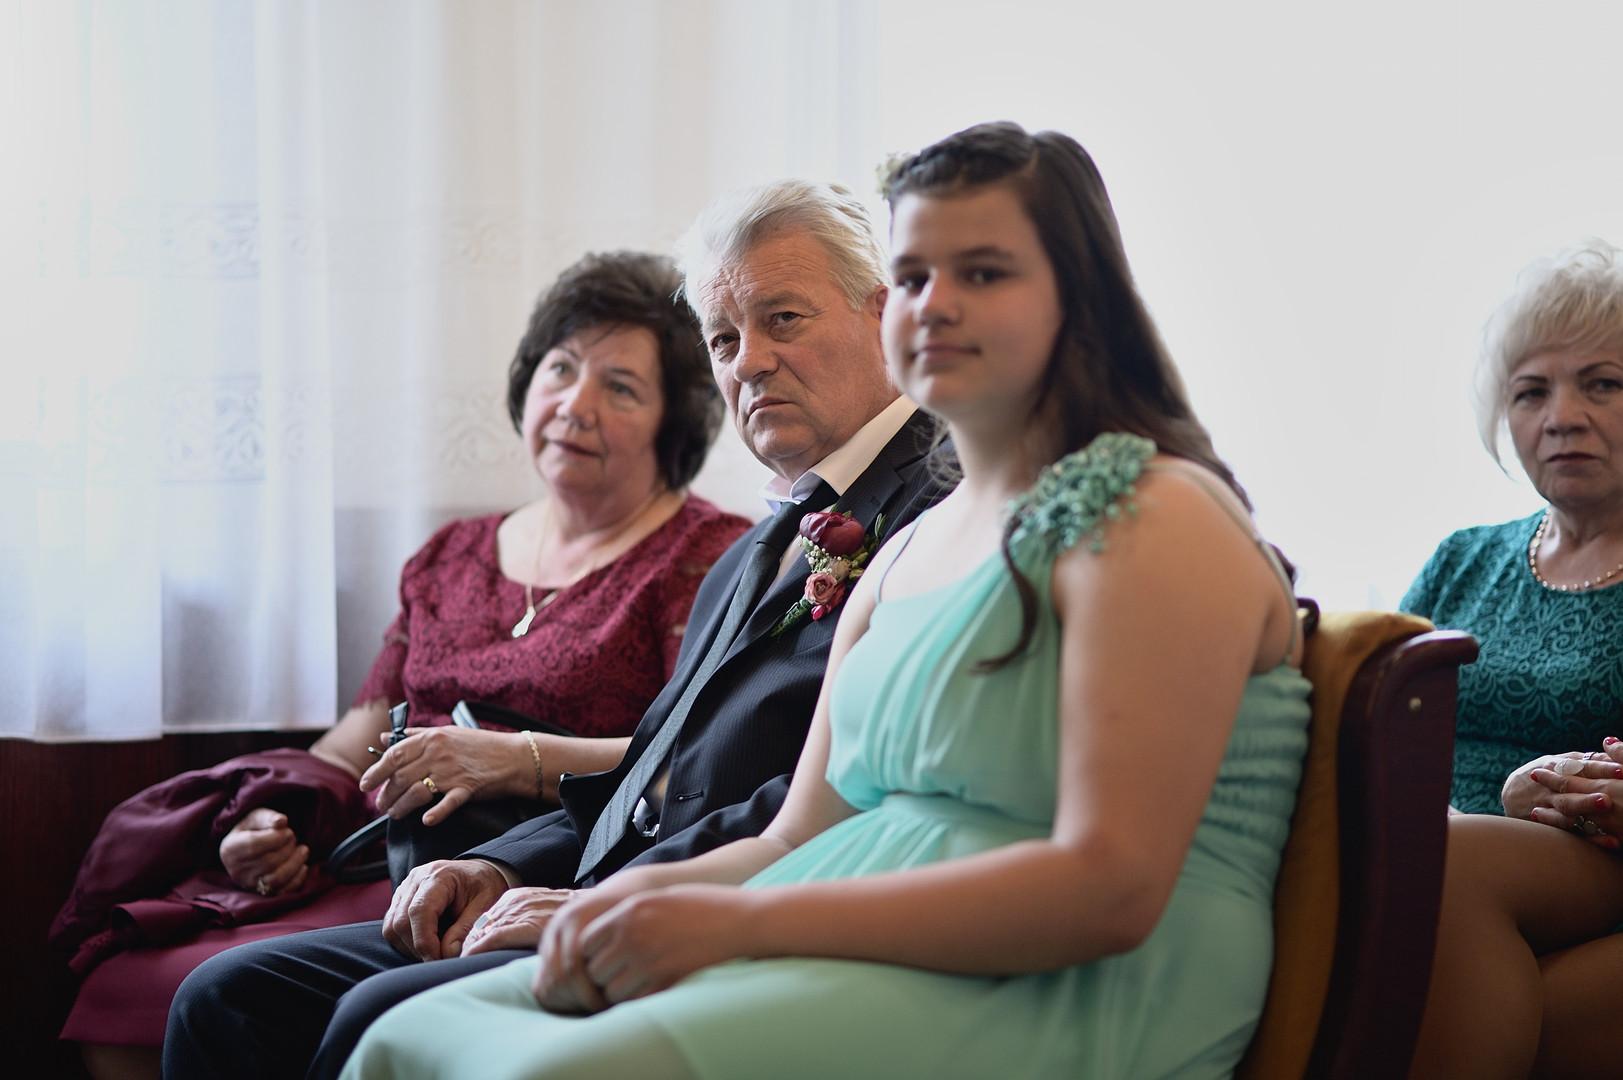 044 Esküvői fotózás - Enikő és Peti.jpg